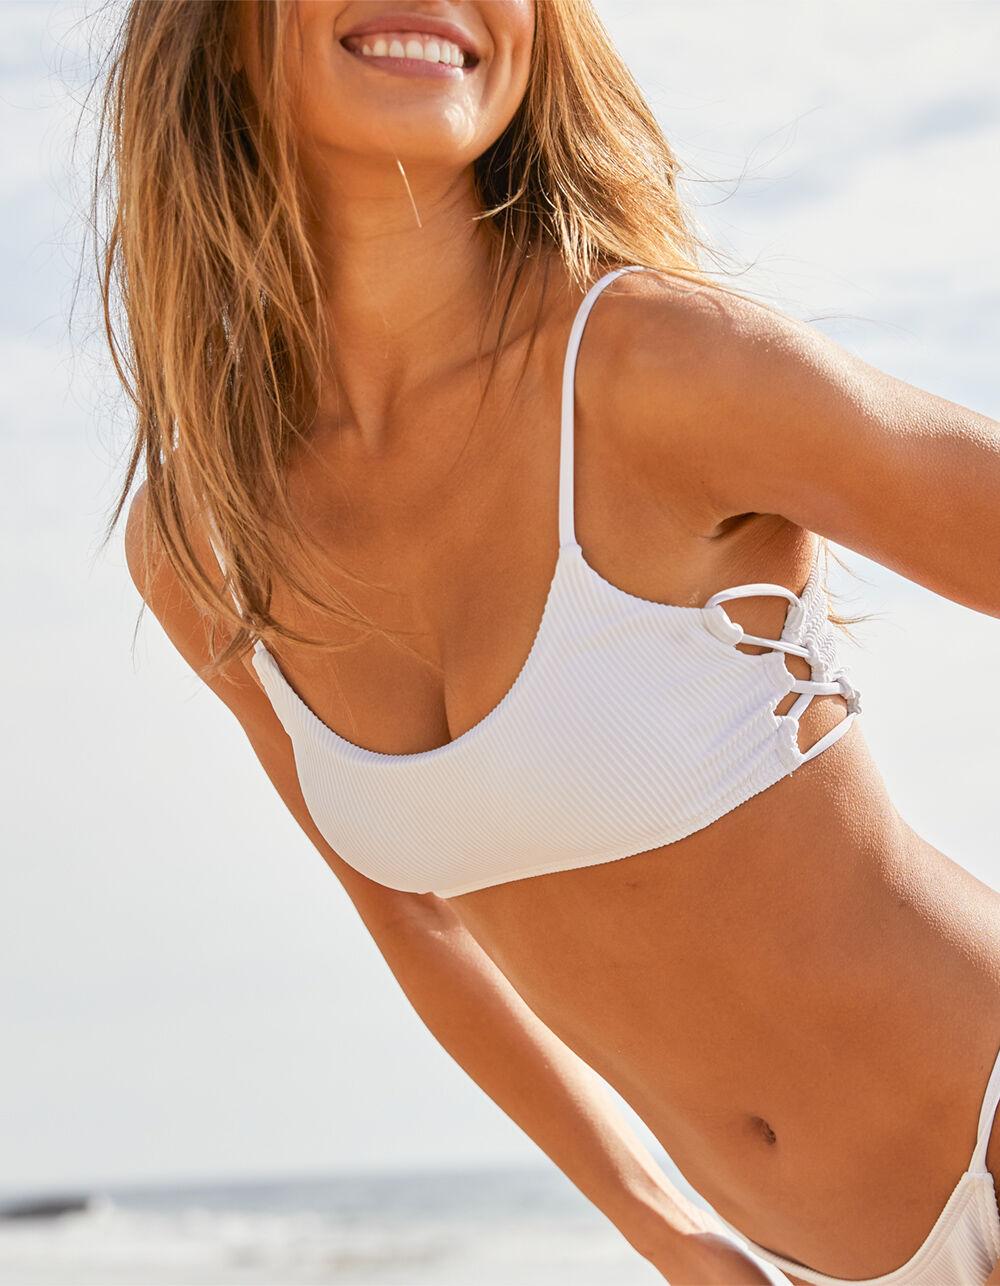 DAMSEL Lace Up Side Bralette Bikini Top